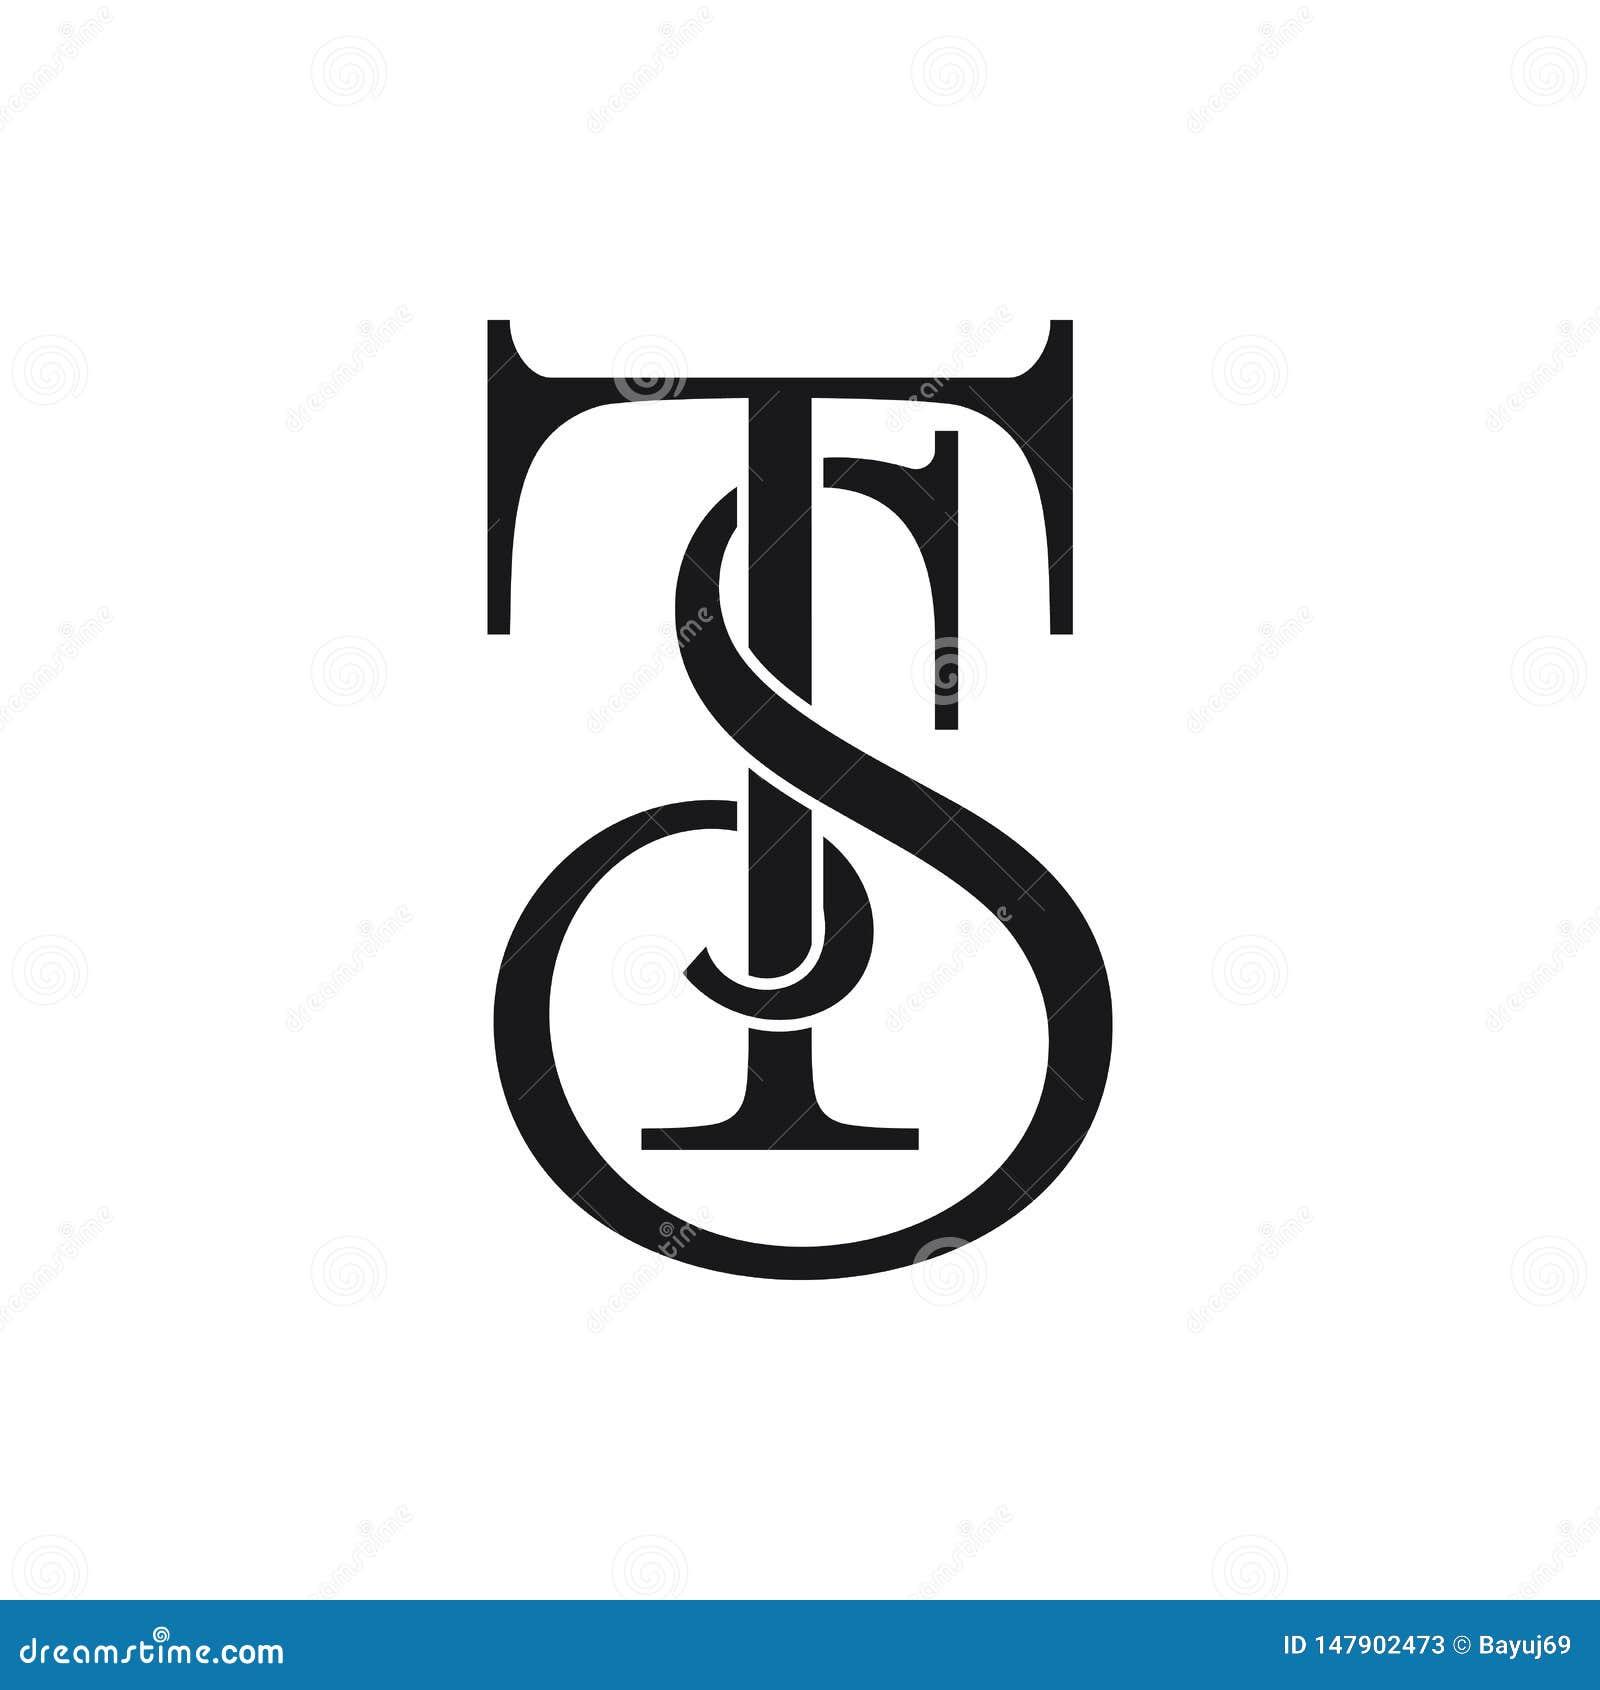 Initial ST Letter Logo Ideas Design Vector Illustration ...